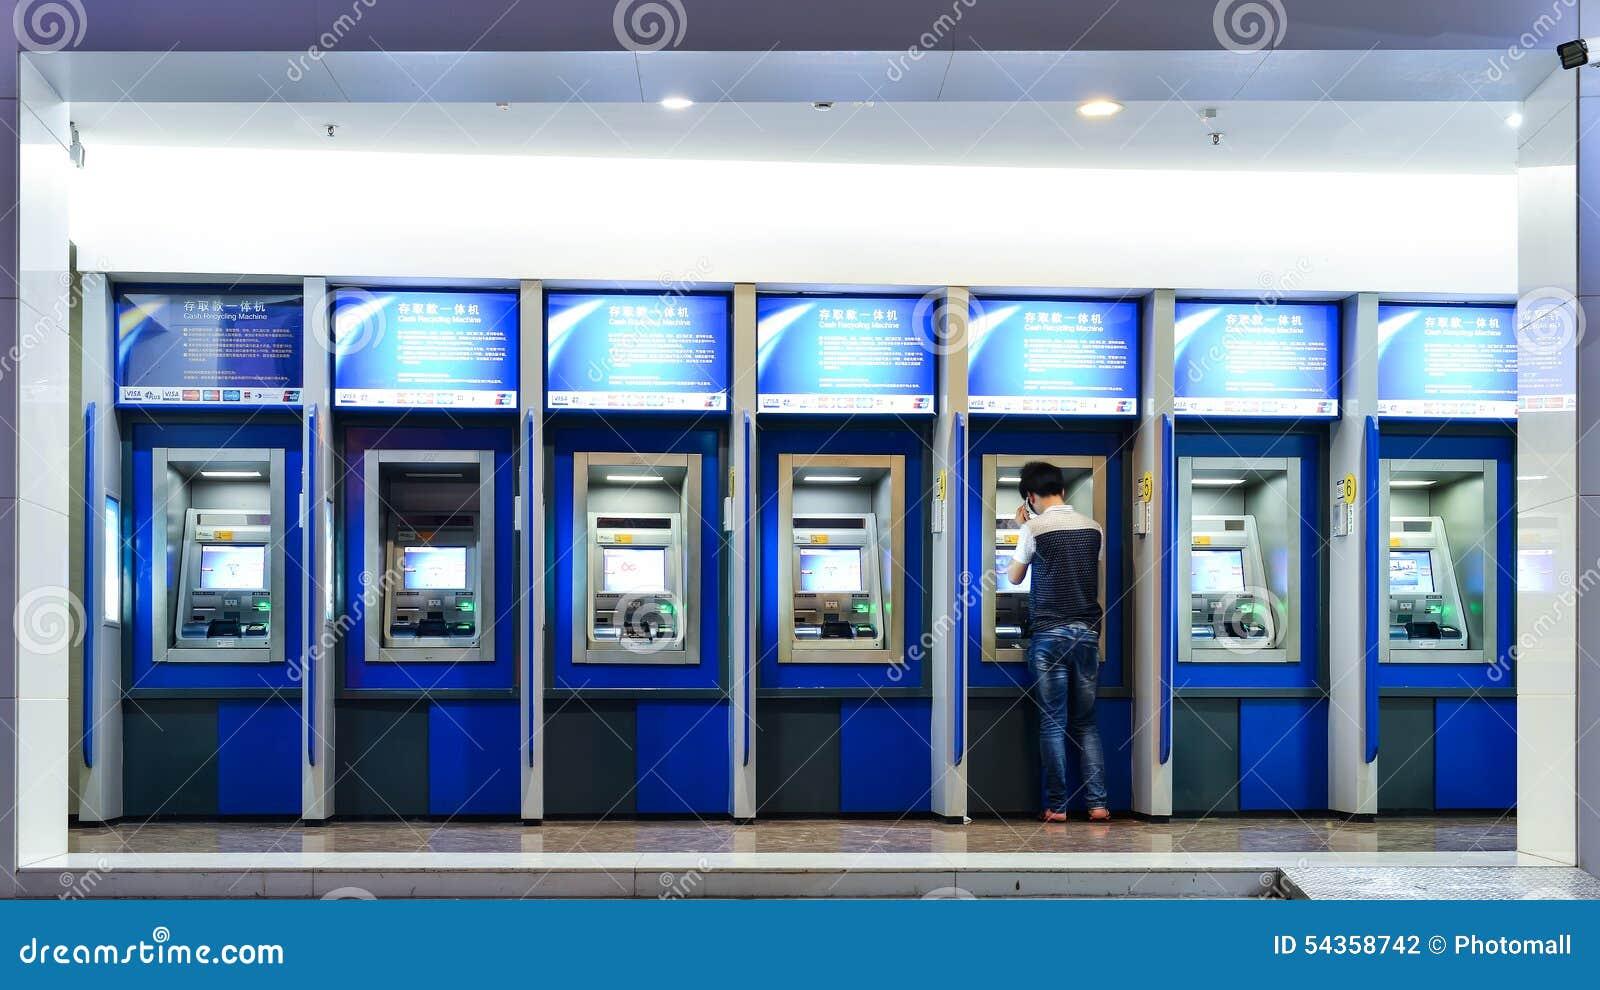 machine referral exchange